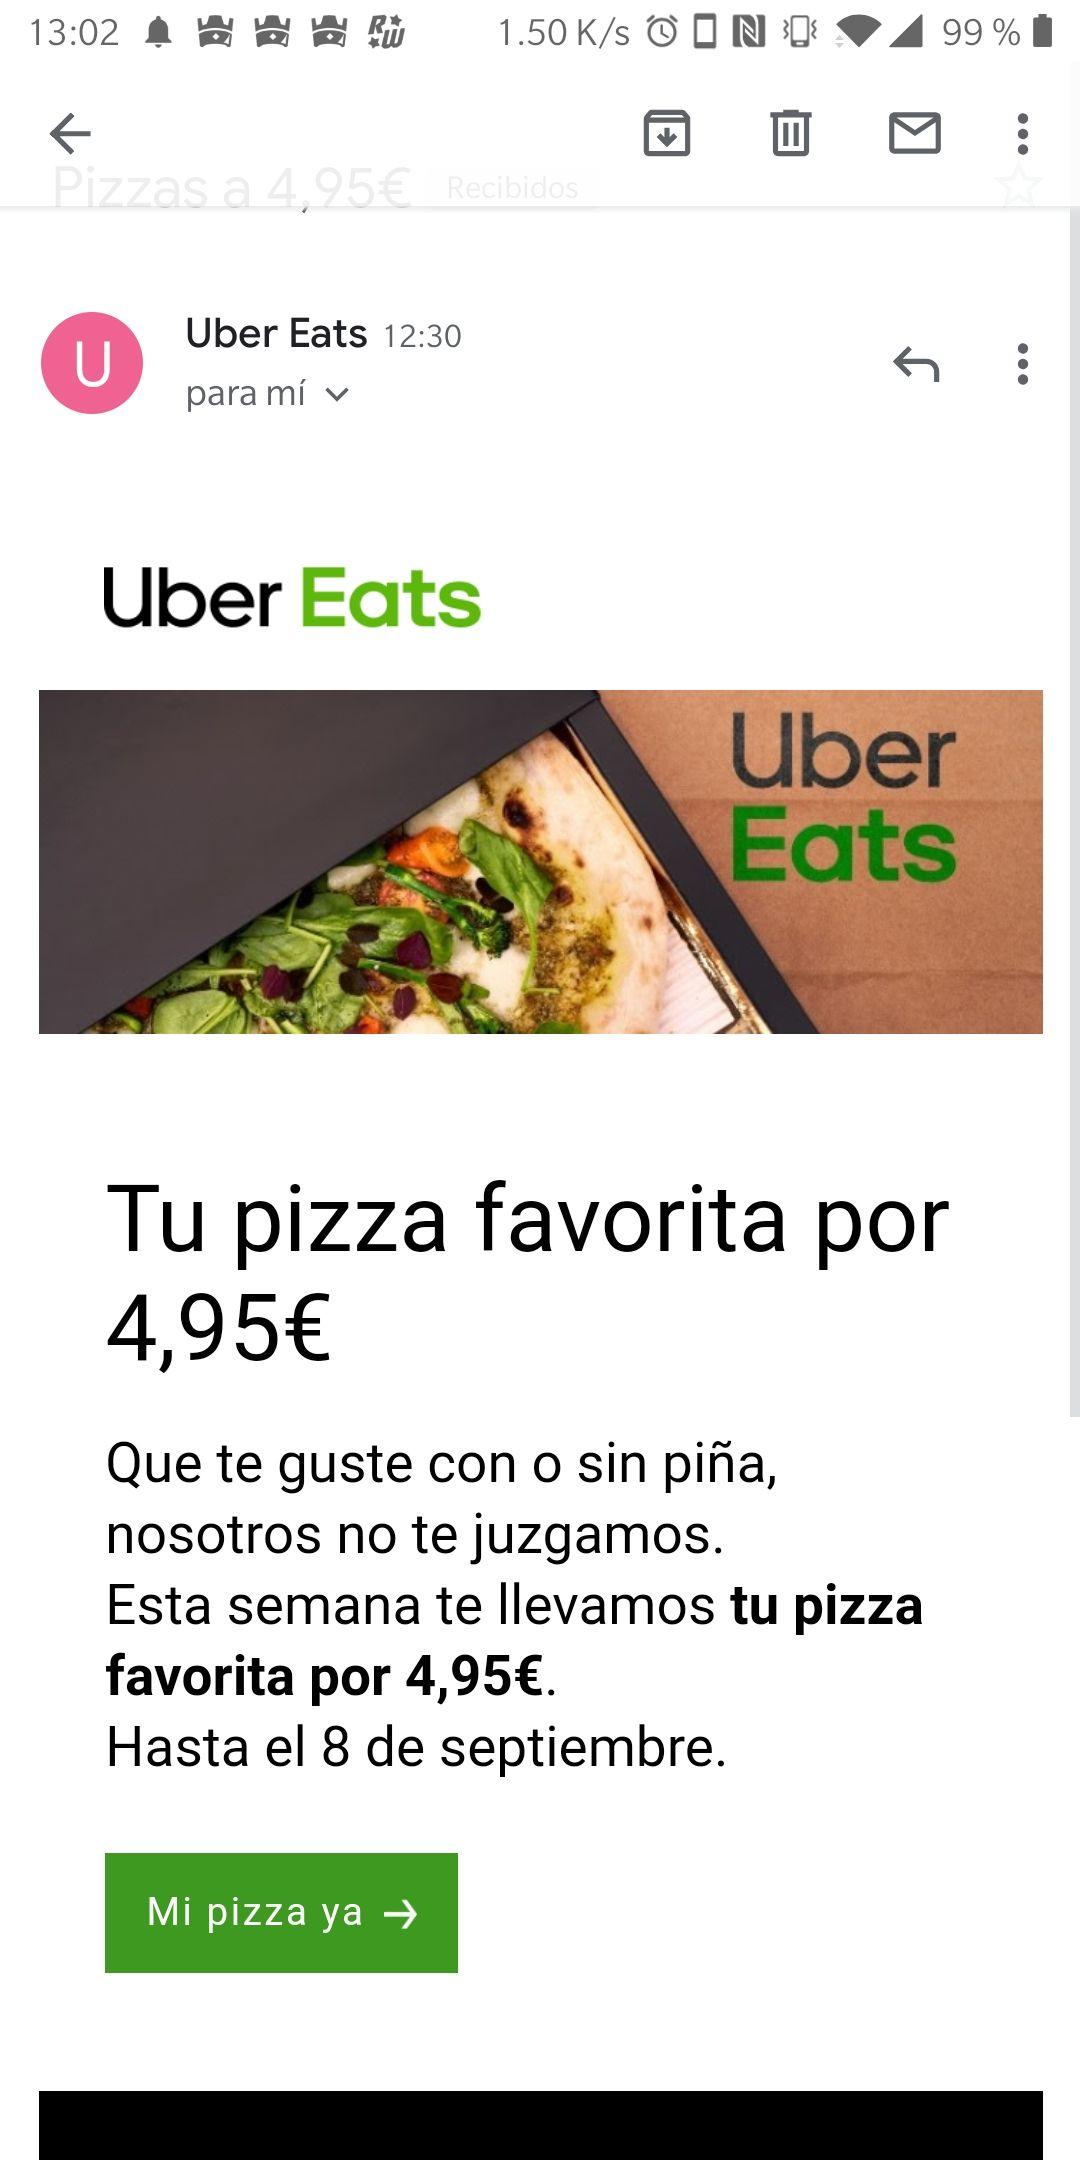 Productos seleccionados por 4'95 en Uber eats